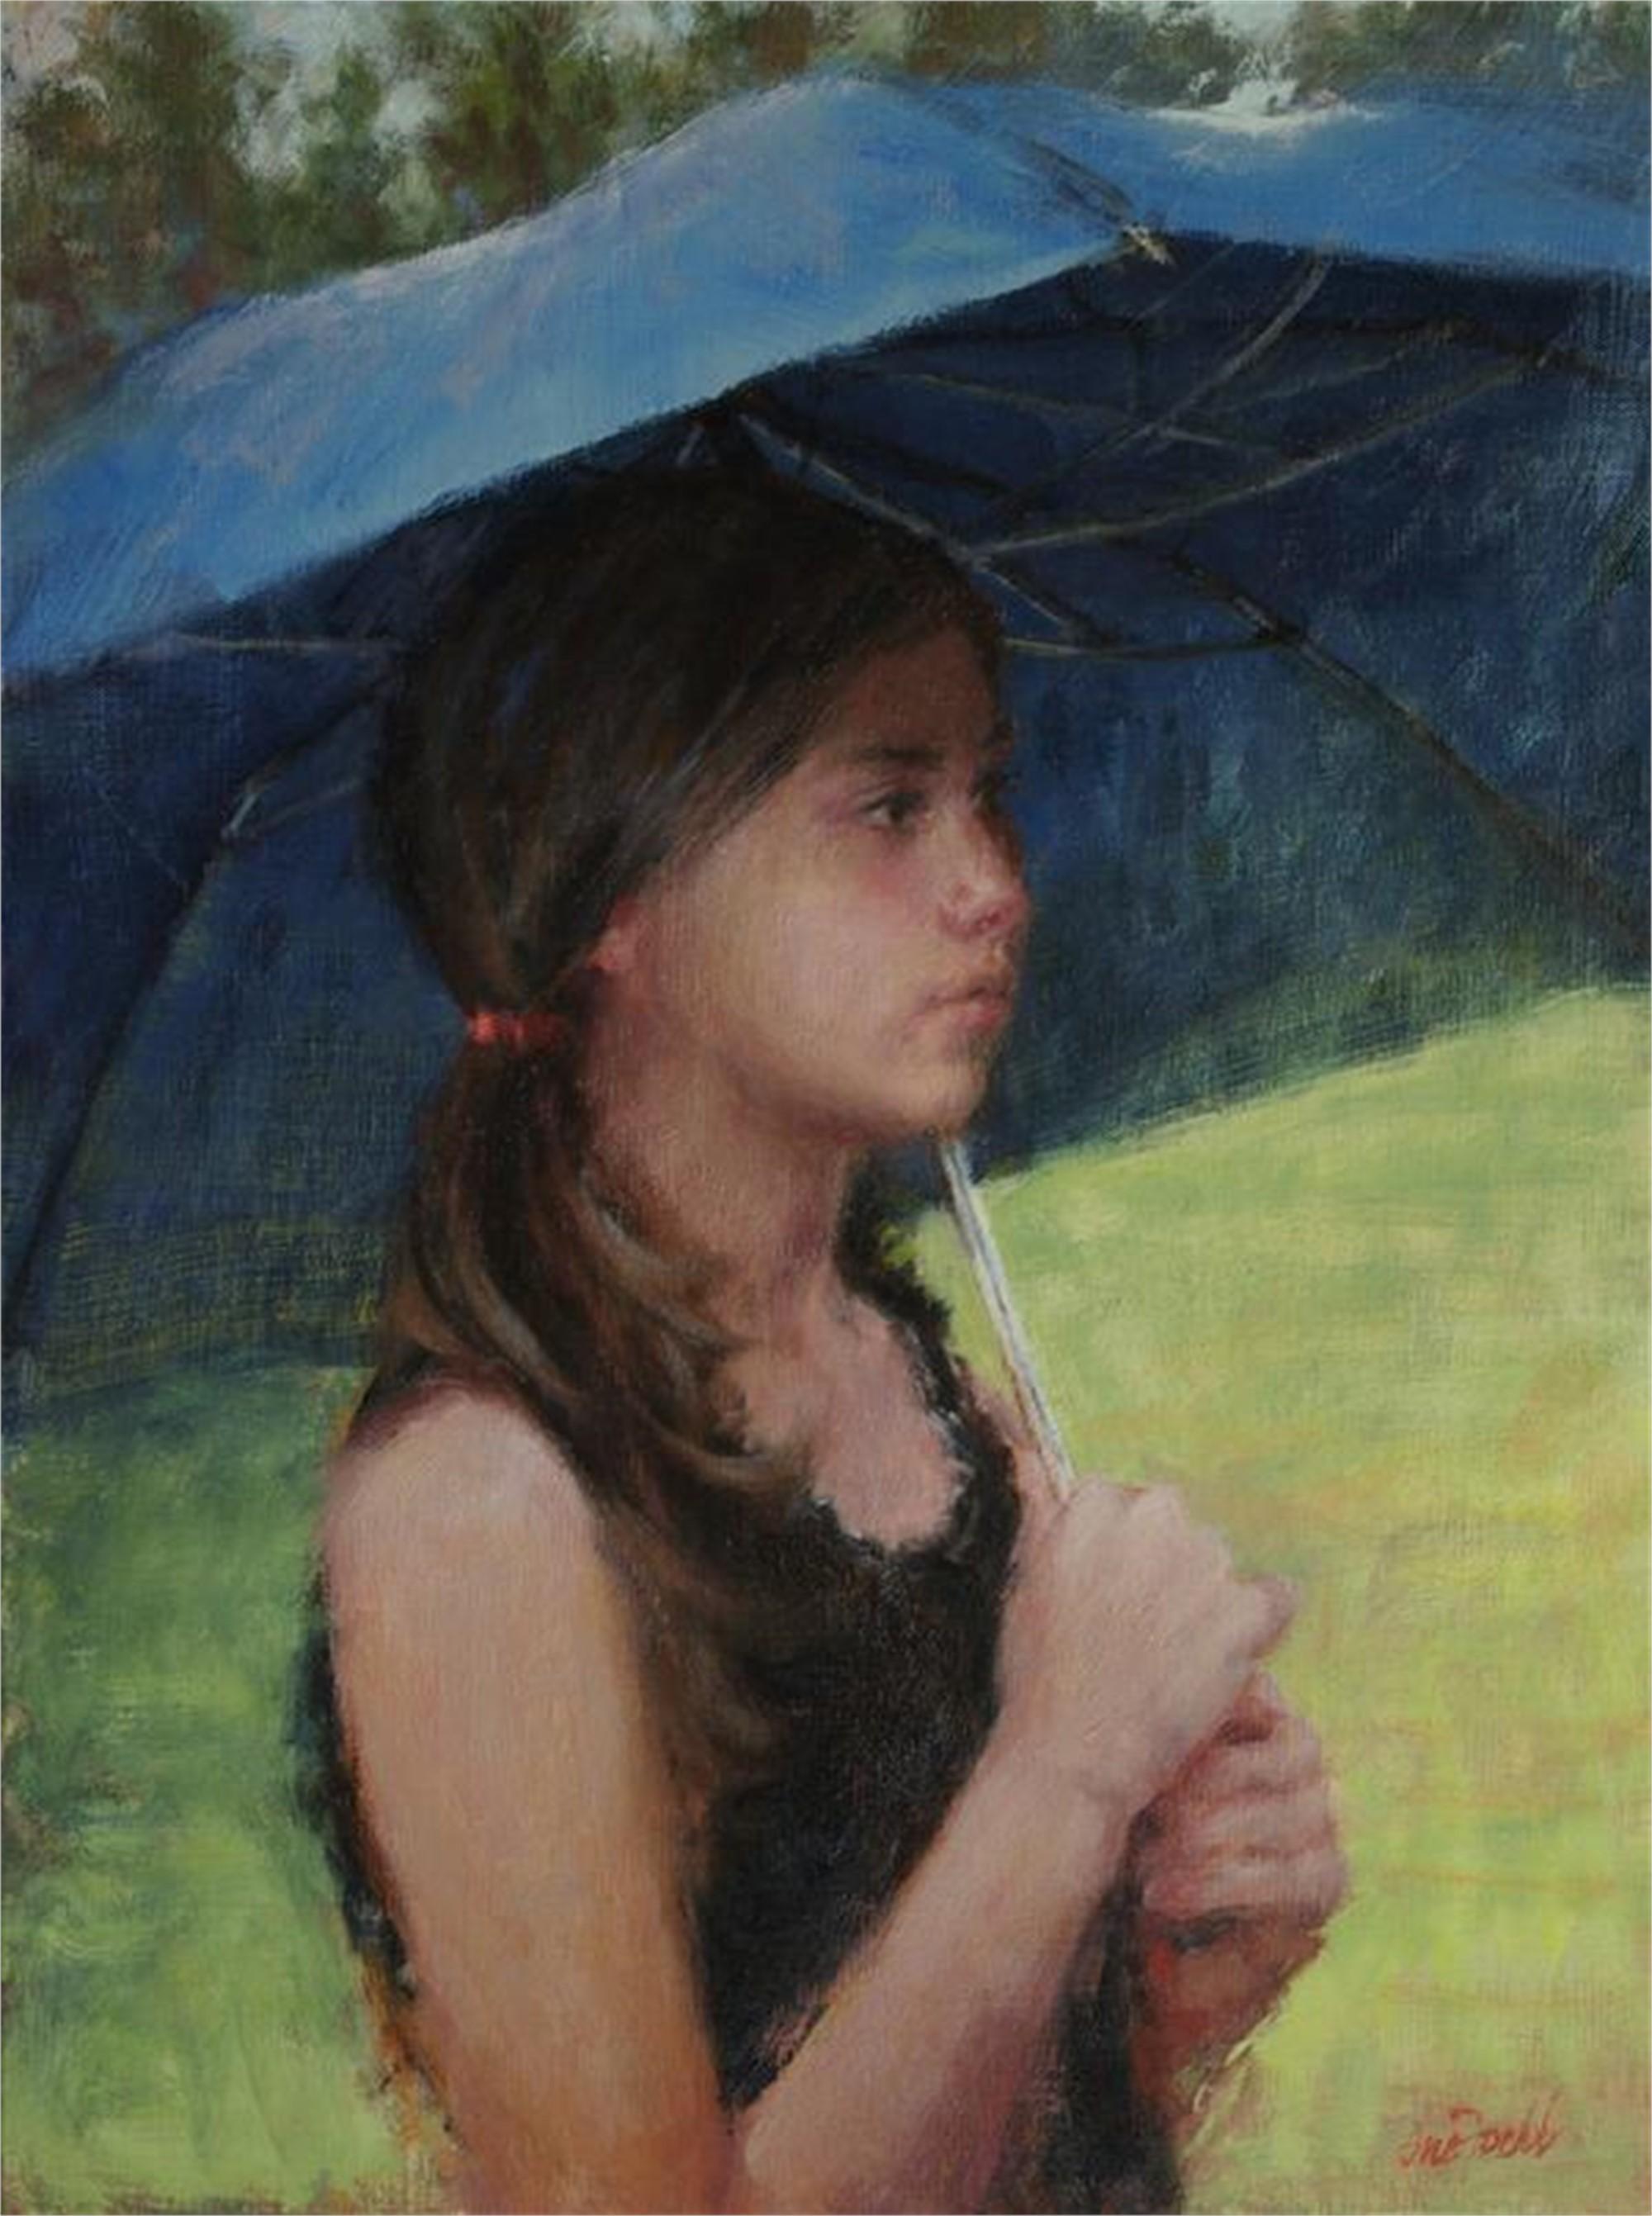 Blue Umbrella by Sue Foell, OPA